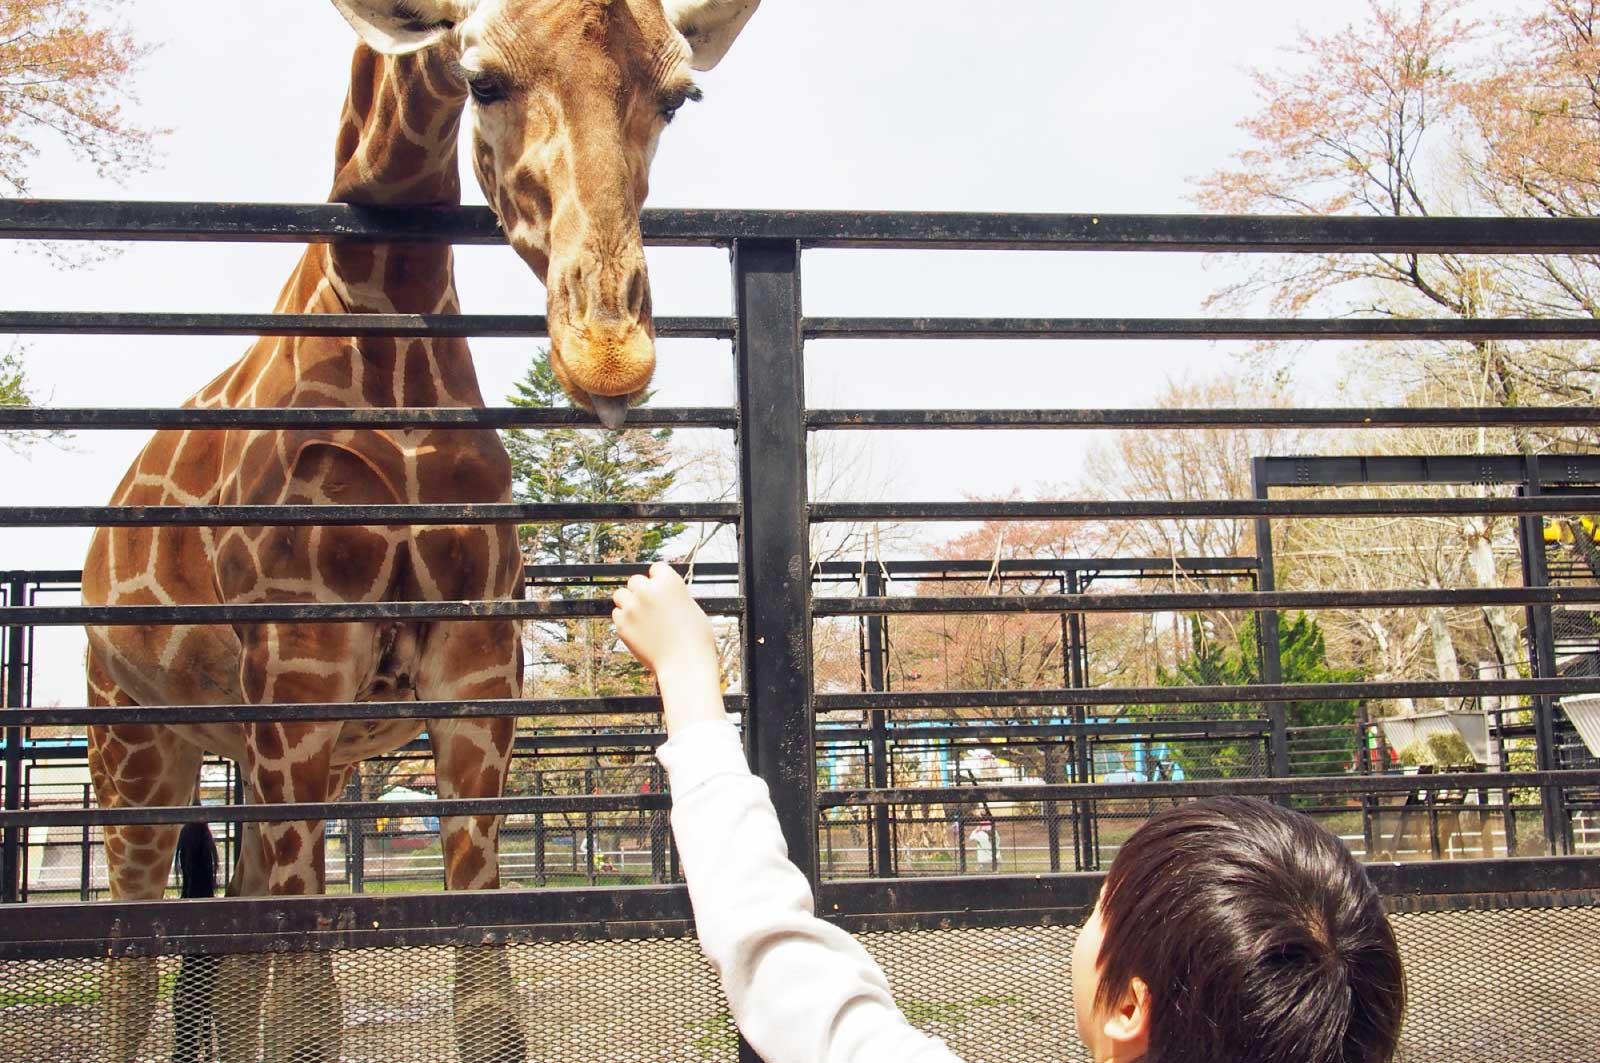 宇都宮動物園のキリン